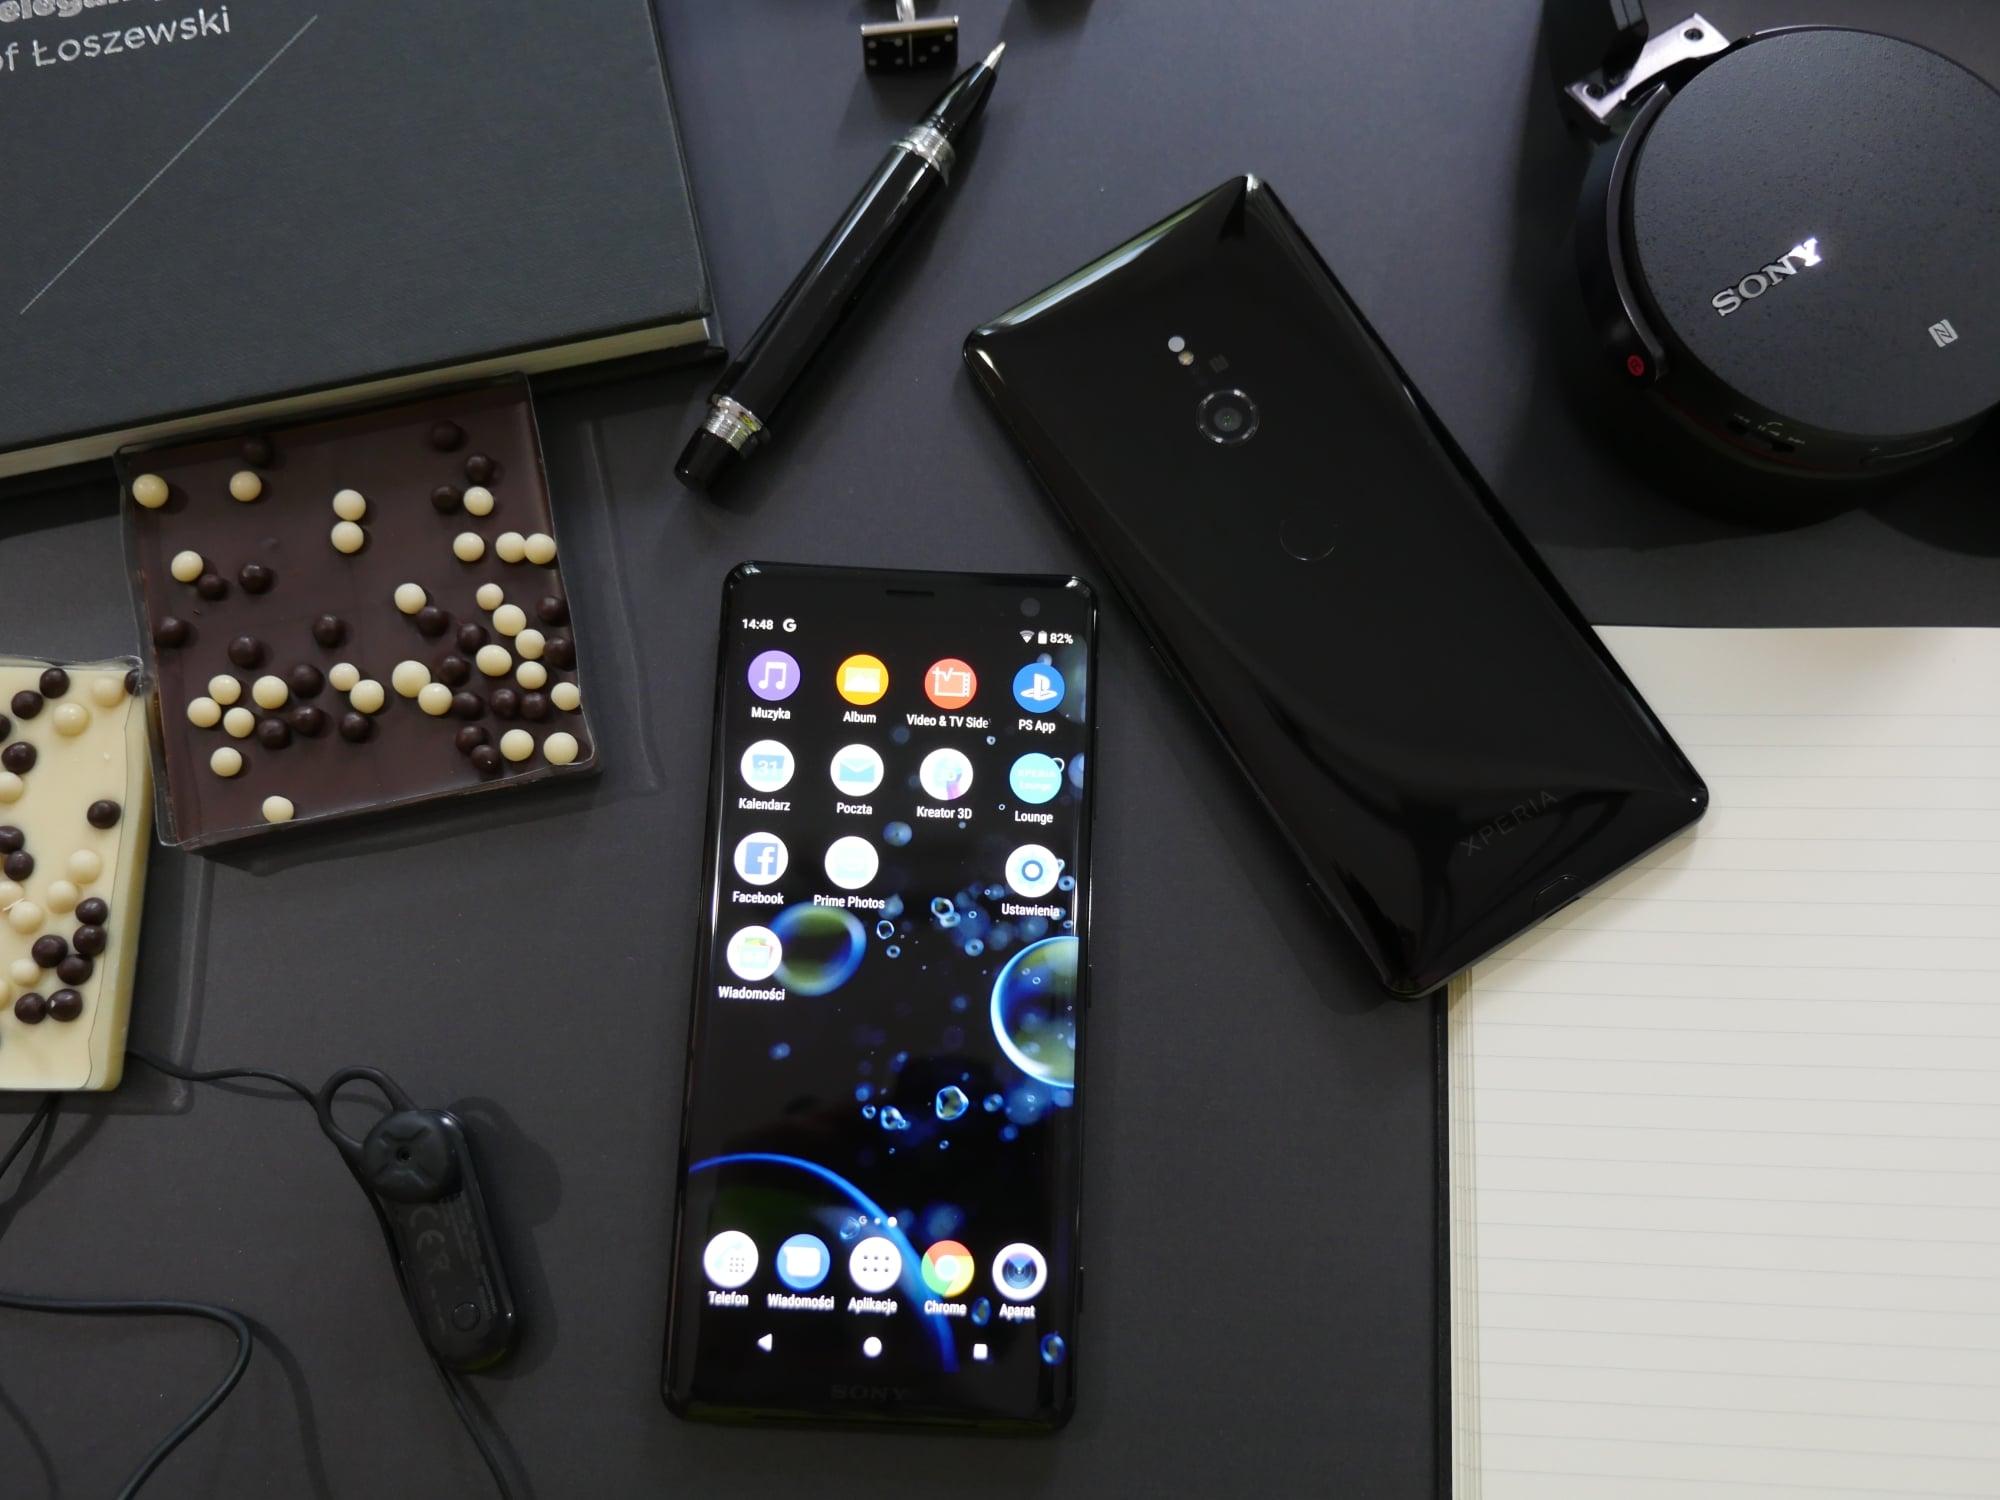 Tabletowo.pl Smartfony w Play bez abonamentu taniej o VAT. Ceny najniższe na rynku! Android Promocje Smartfony